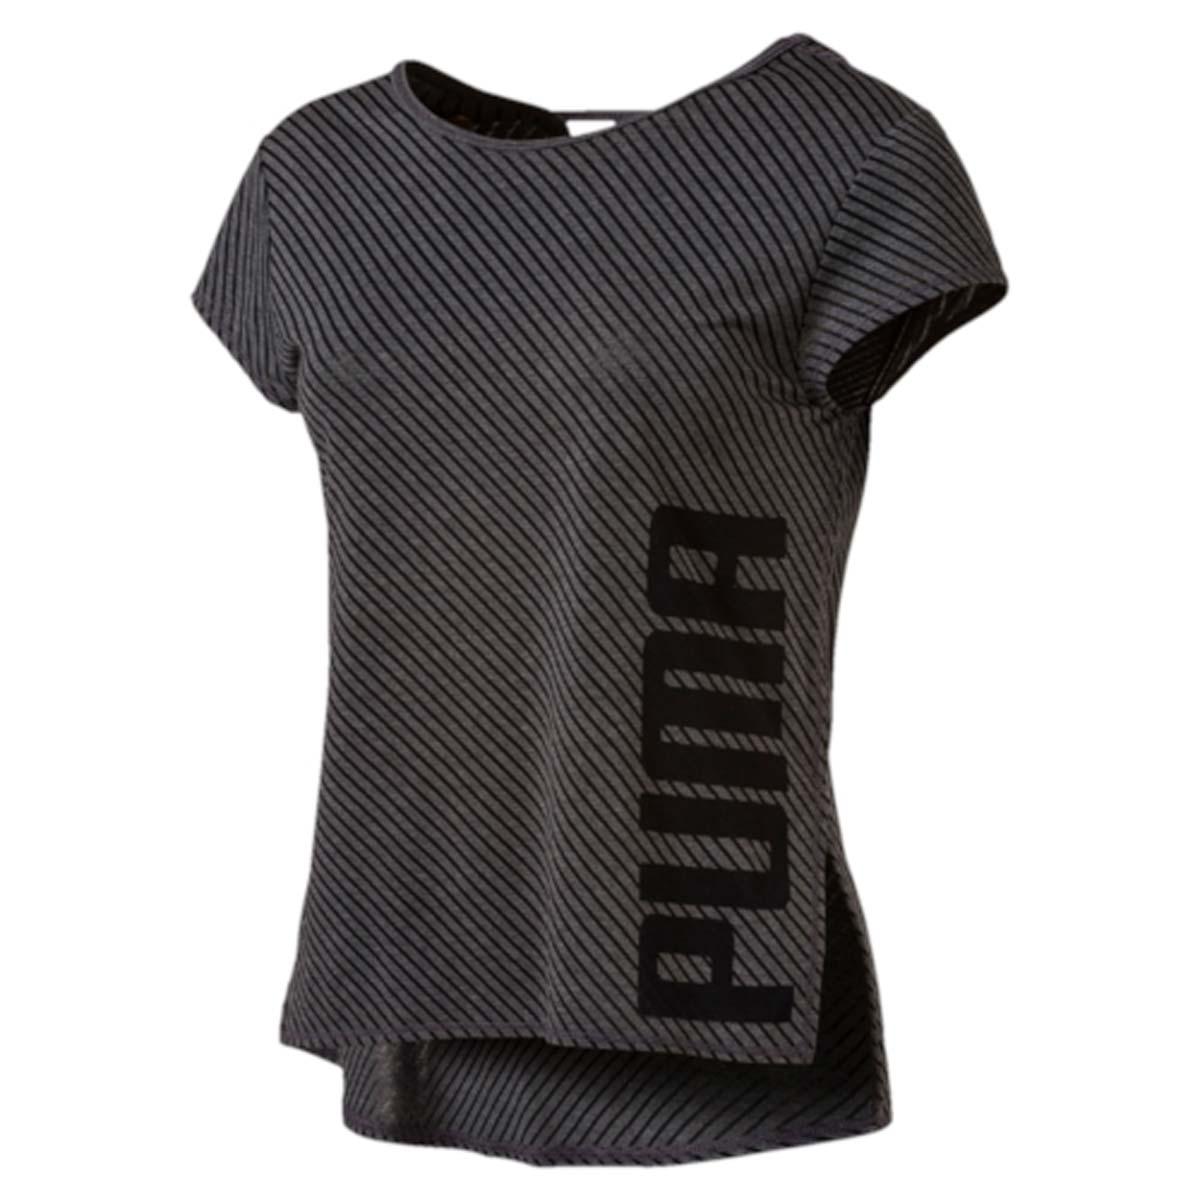 Футболка для танцев женская Puma Dancer Drapey Tee, цвет: черный. 515121_01. Размер L (46/48)515121_01Футболка Dancer Drapey Tee отлично подойдет для самых интенсивных тренировок. Оригинальный узор, нанесенный выжиганием, и глубокий вырез на спине не дадут перегреться. Дополнительные удобства создает использование высокофункциональной технологии dryCELL, которая отводит влагу, поддерживает тело сухим и гарантирует комфорт во время активных тренировок и занятий спортом. Благодаря свободному крою и прорезям по бокам ничто не стесняет движений. Футболка легко комбинируется с другими предметами одежды. Она украшена логотипом с надписью PUMA, нанесенным на подол слева сбоку по вертикали.